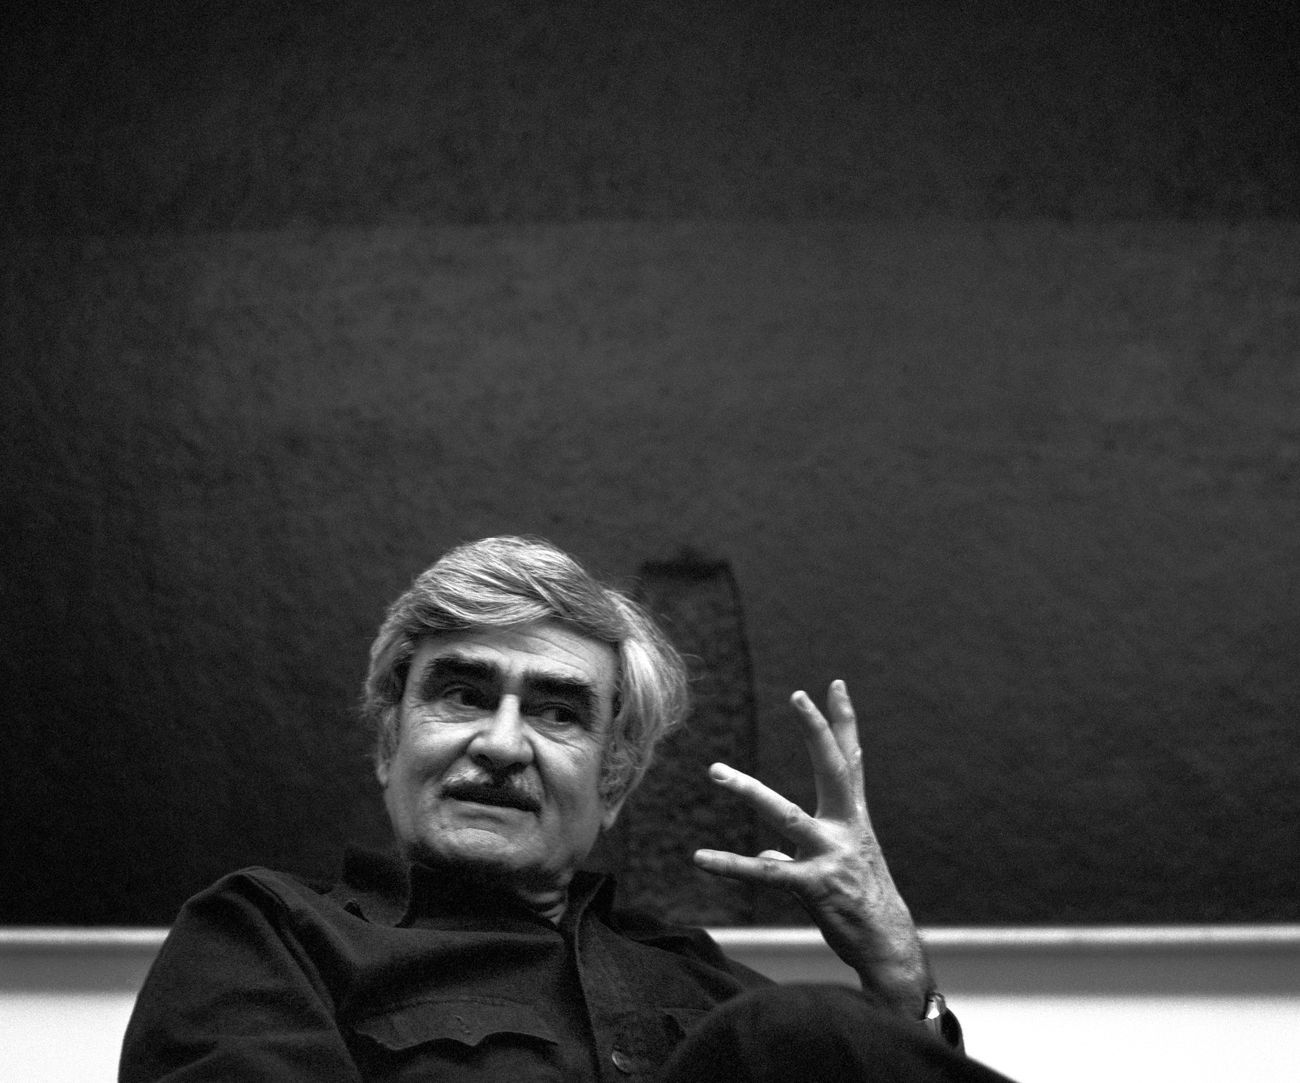 Alberto Burri. Photo © Aurelio Amendola